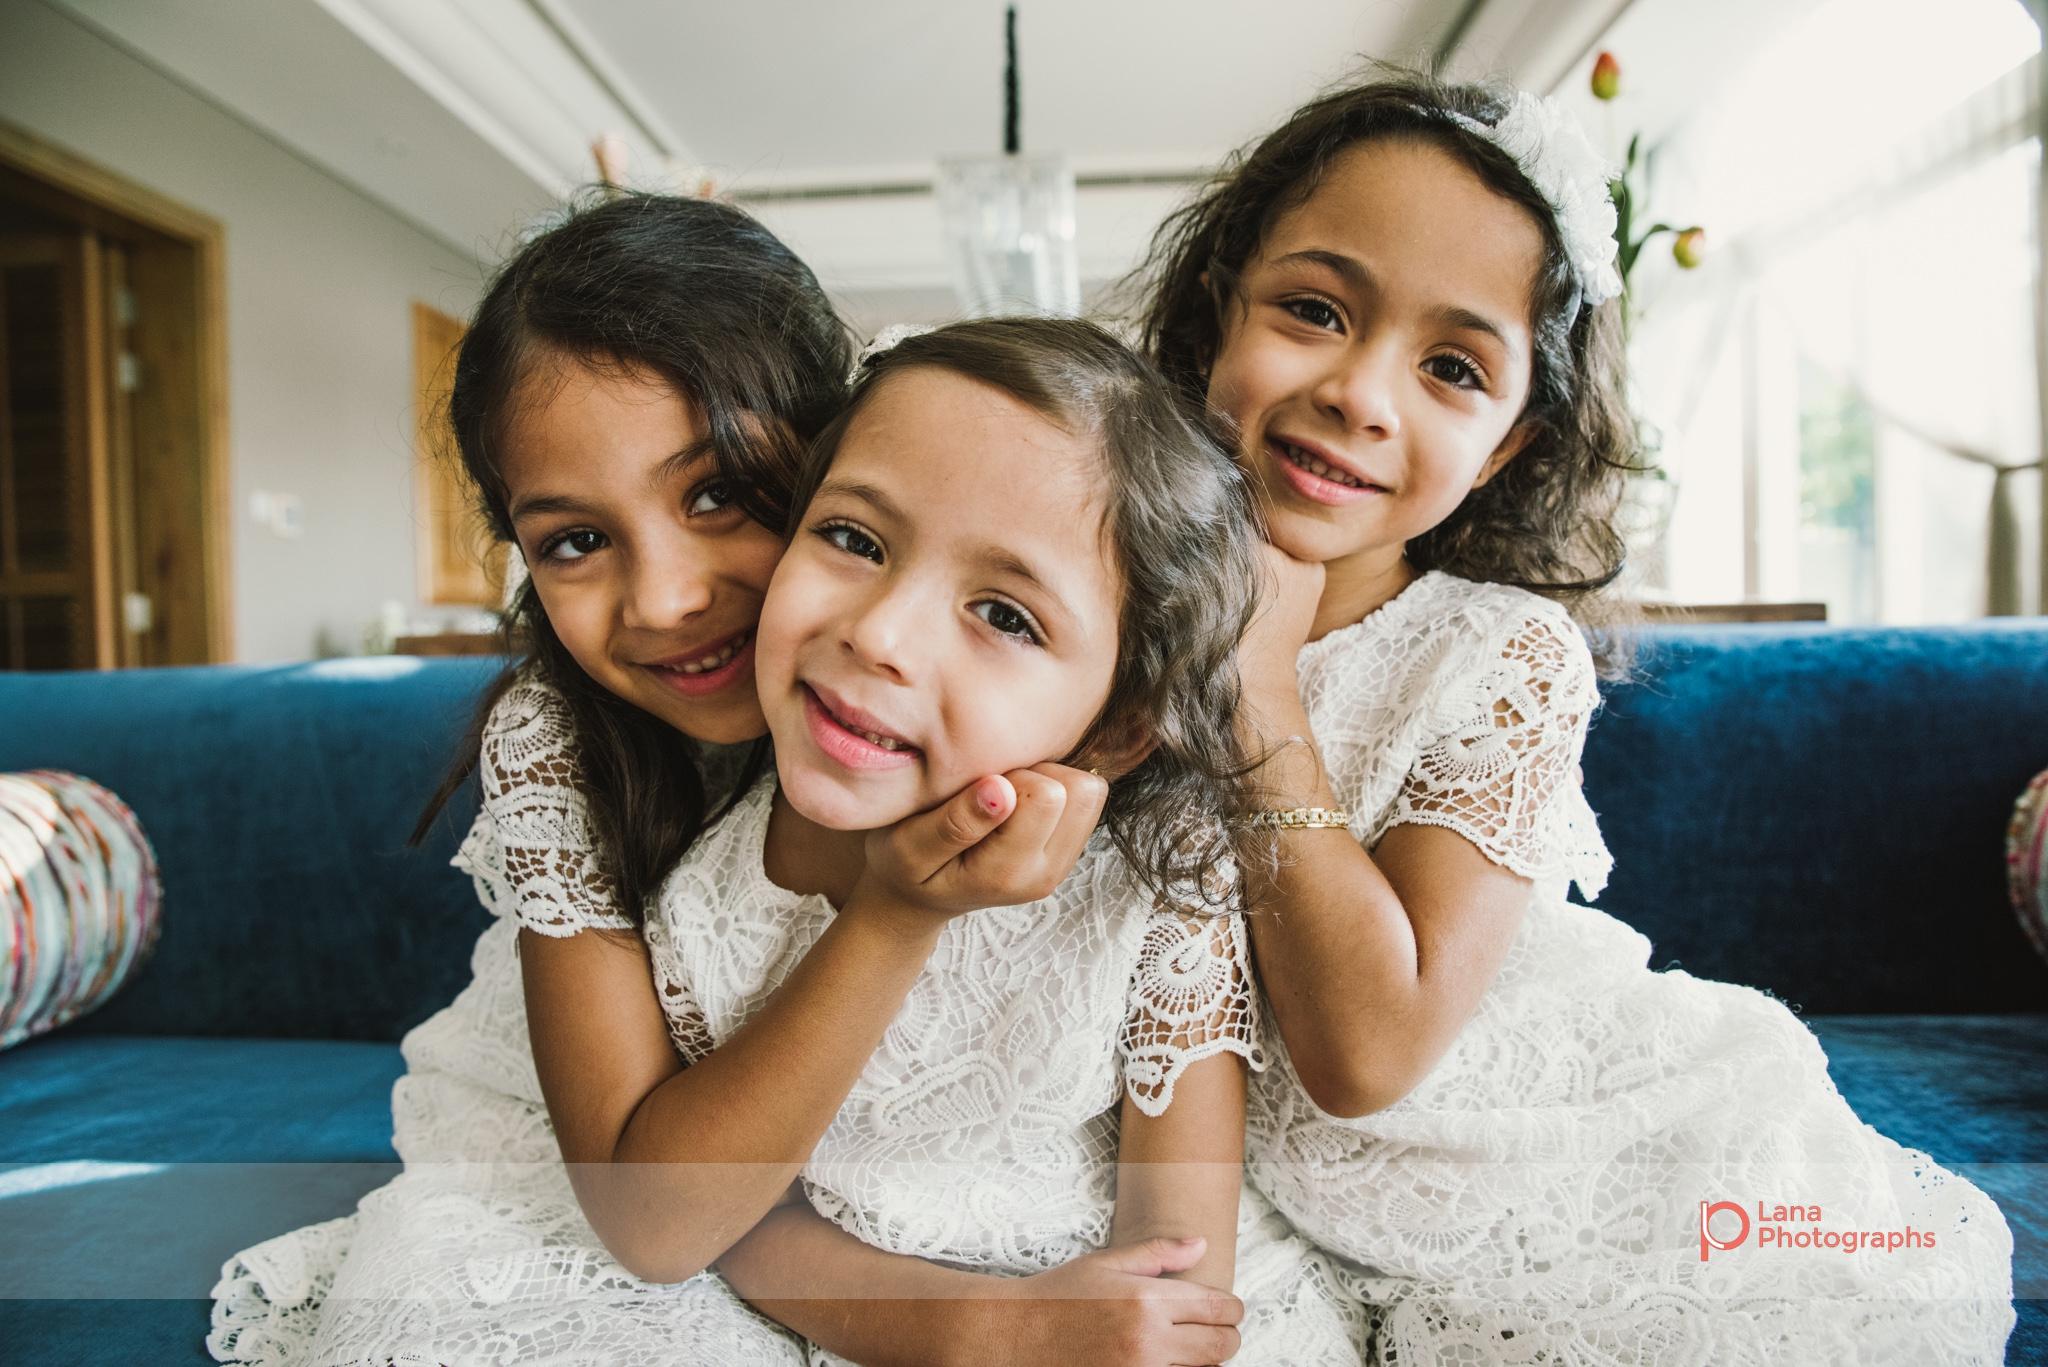 Lana Photographs Family Photographer Dubai Top Family Photographers portrait of three sisters